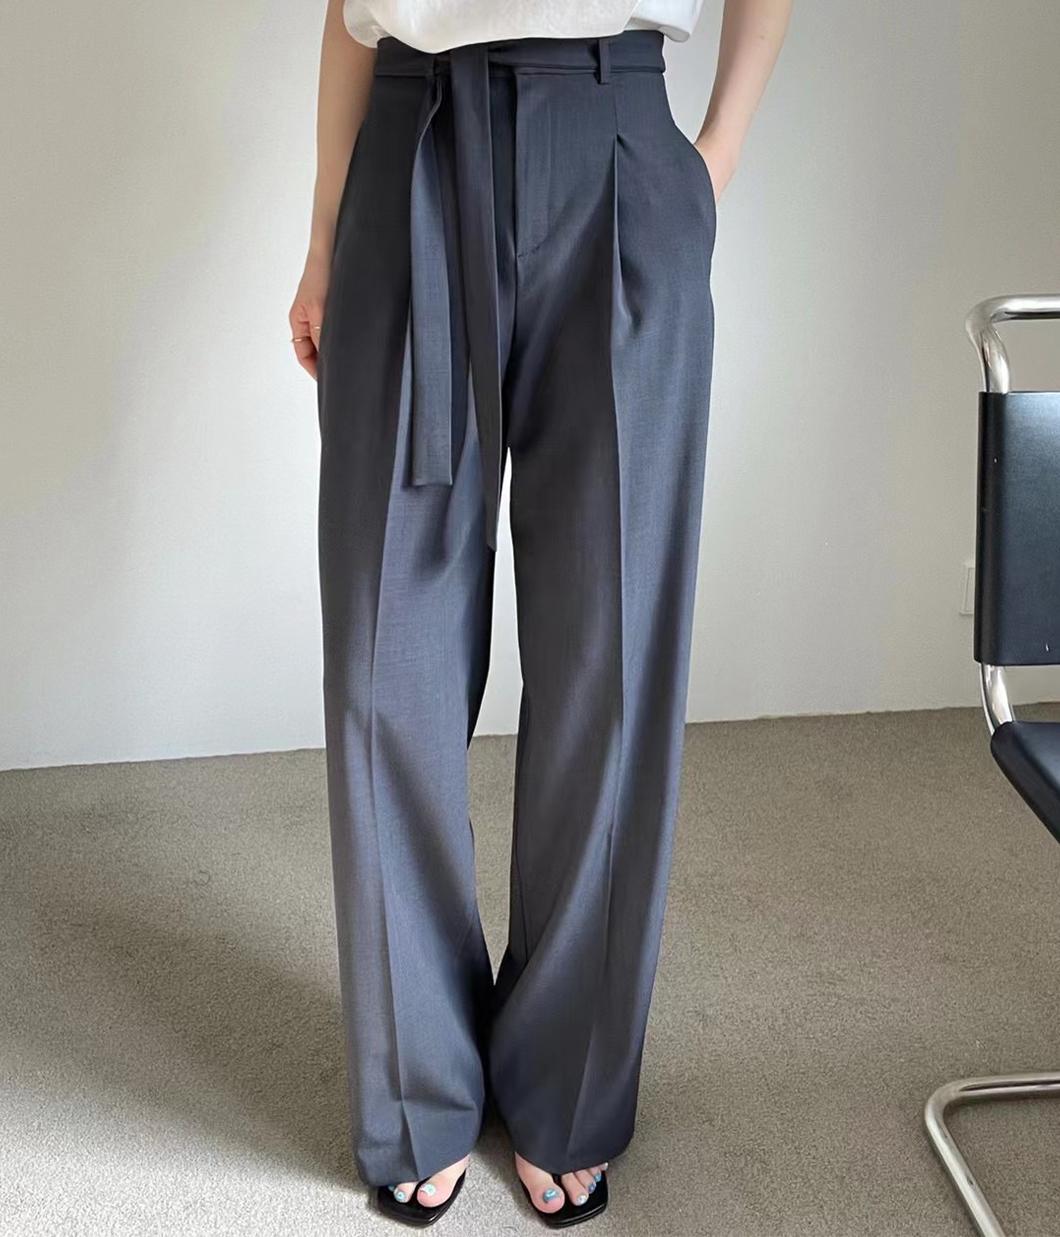 3.修飾滿分率性綁帶長褲